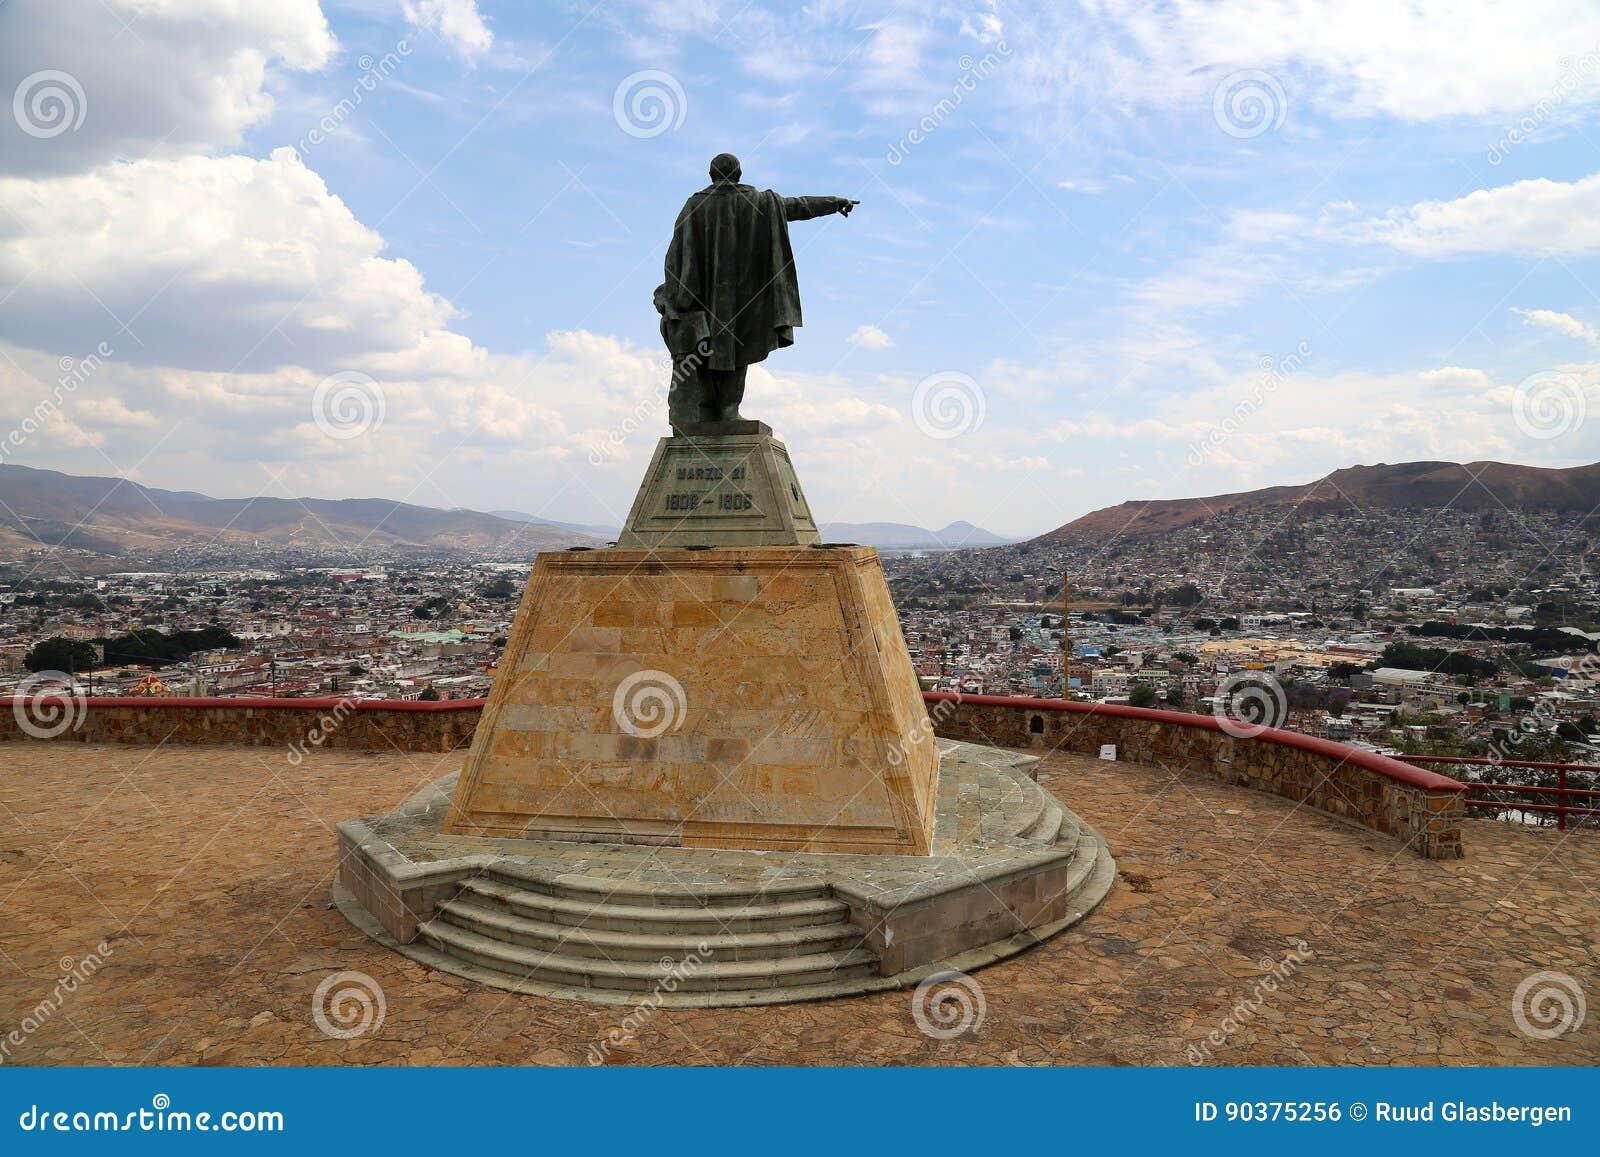 Benito Pablo Juárez García looking over Oaxaca, , Mexico.